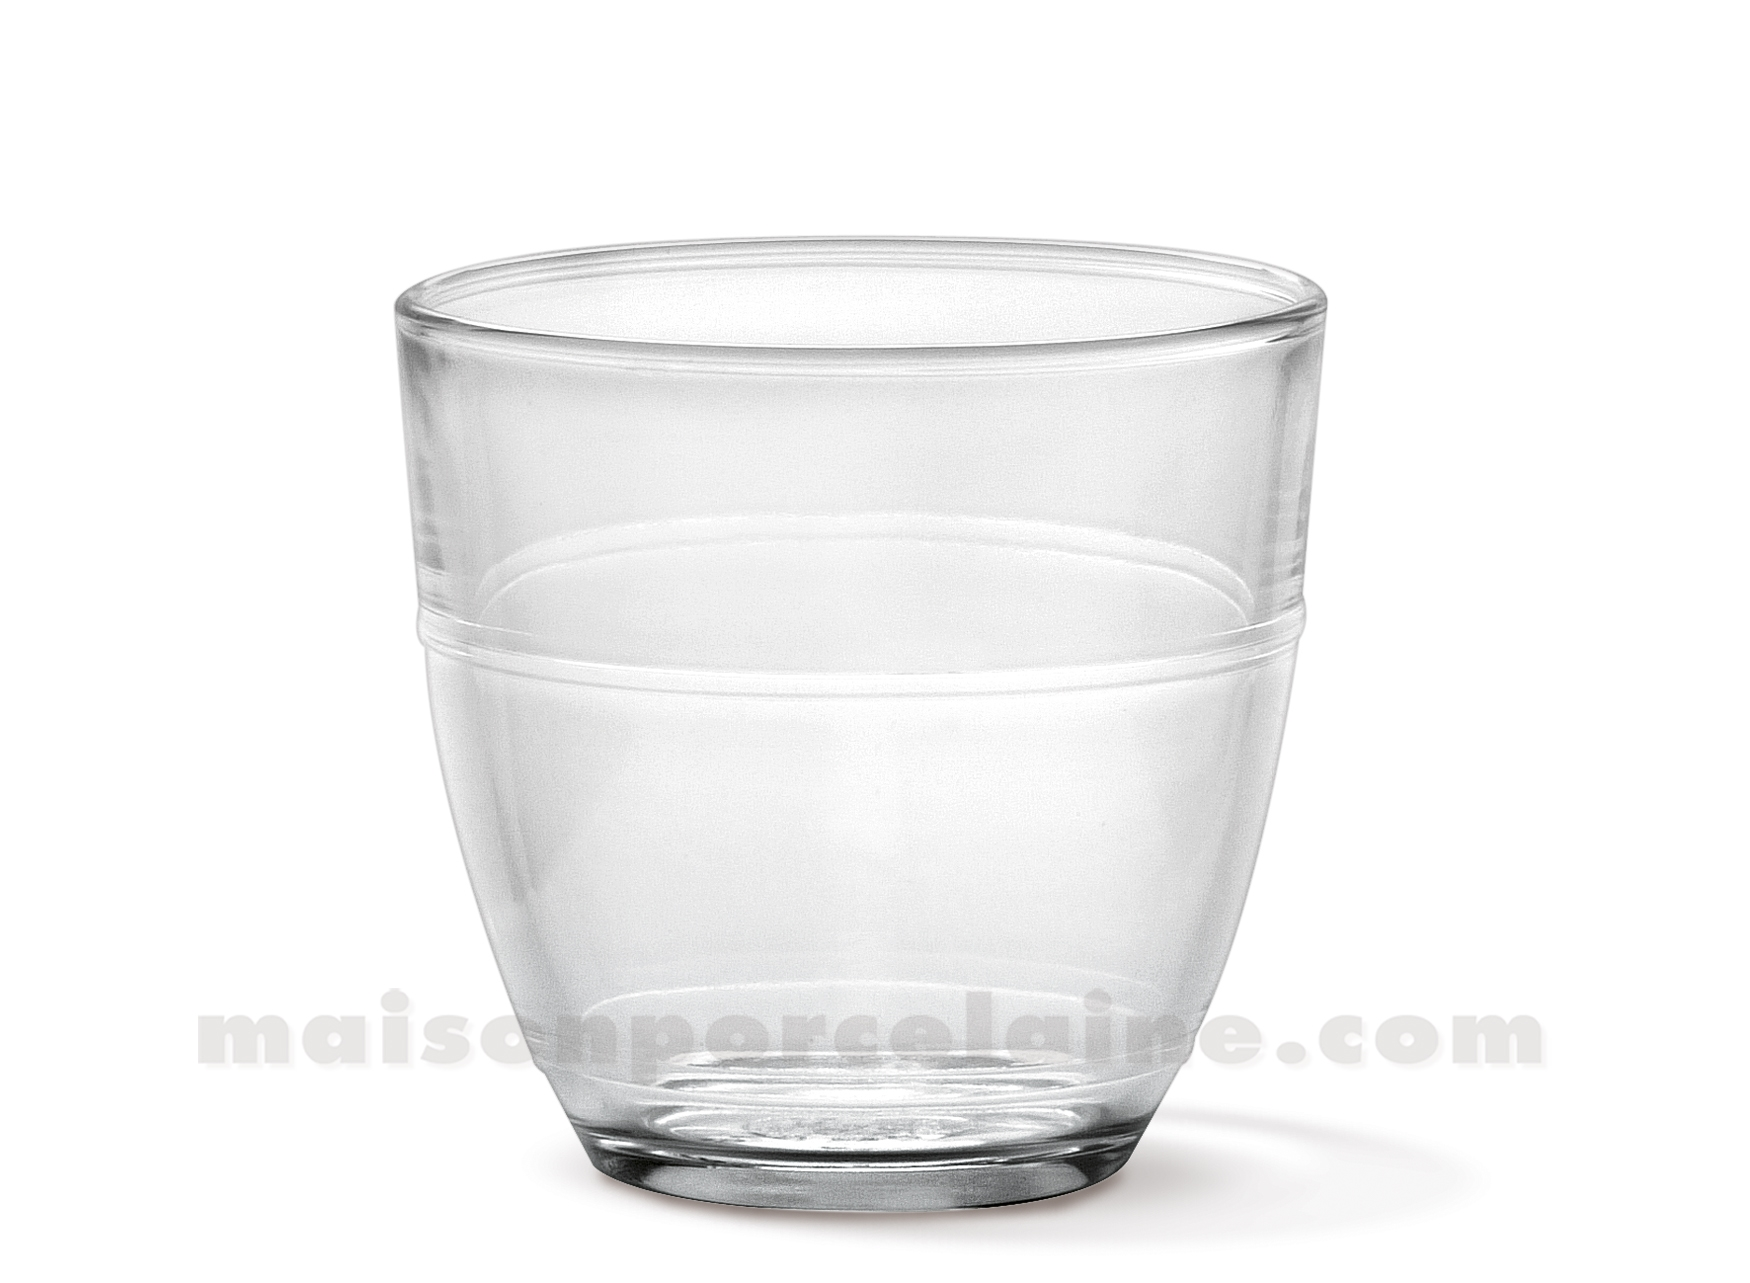 goblet duralex gigogne 22 cl verre trempe coffret de 6 maison de la porcelaine. Black Bedroom Furniture Sets. Home Design Ideas